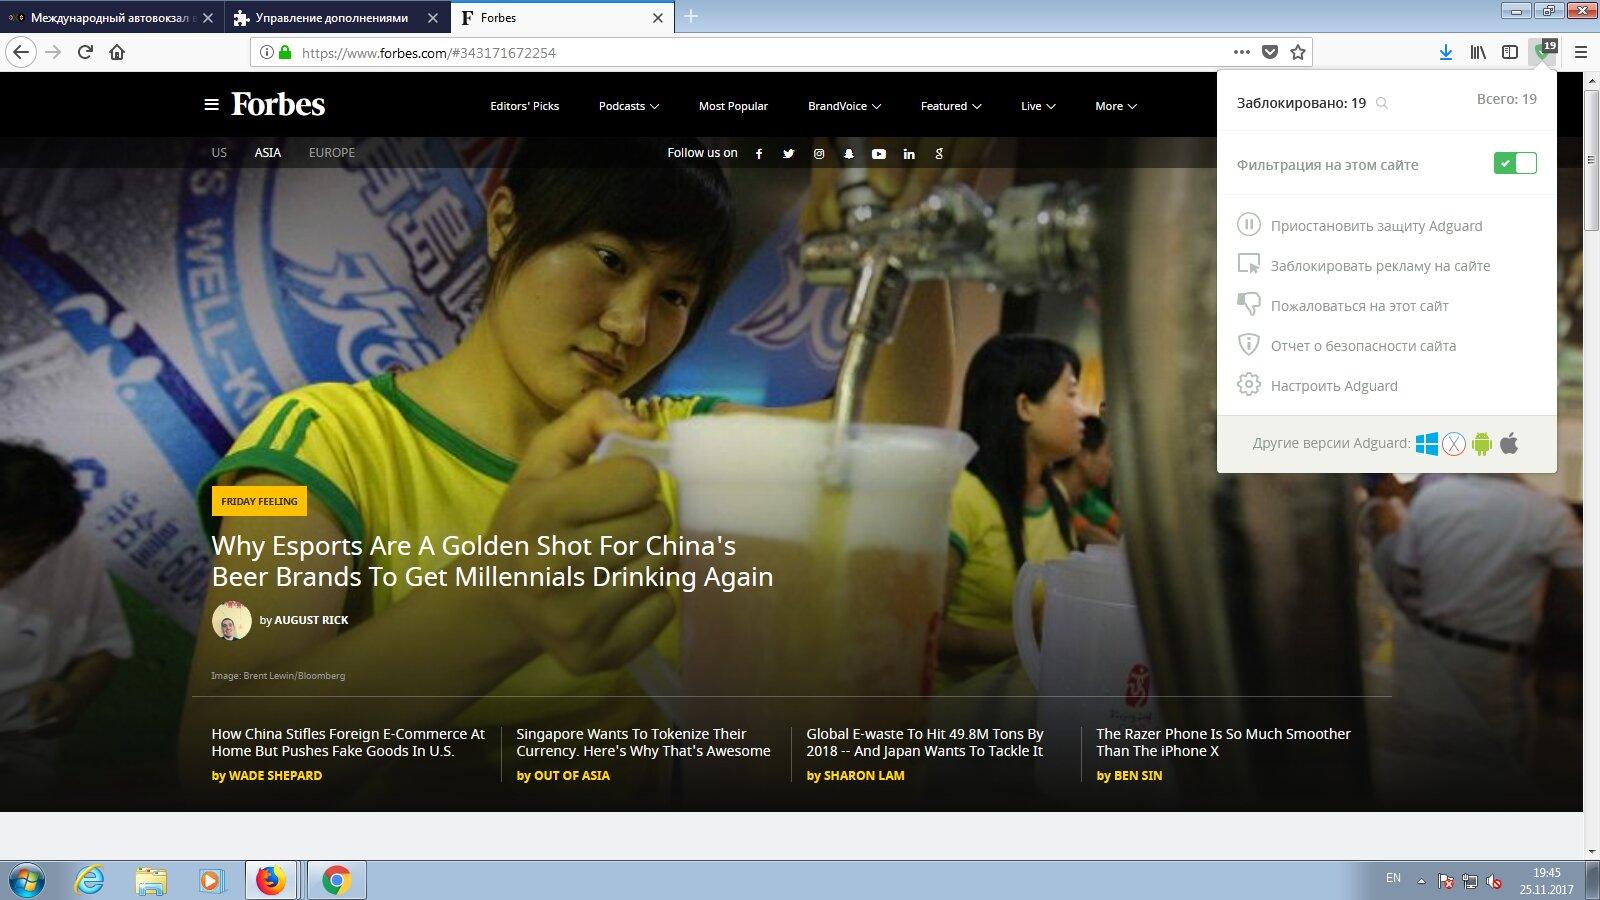 Сайт Forbes при посещении с AdGuard